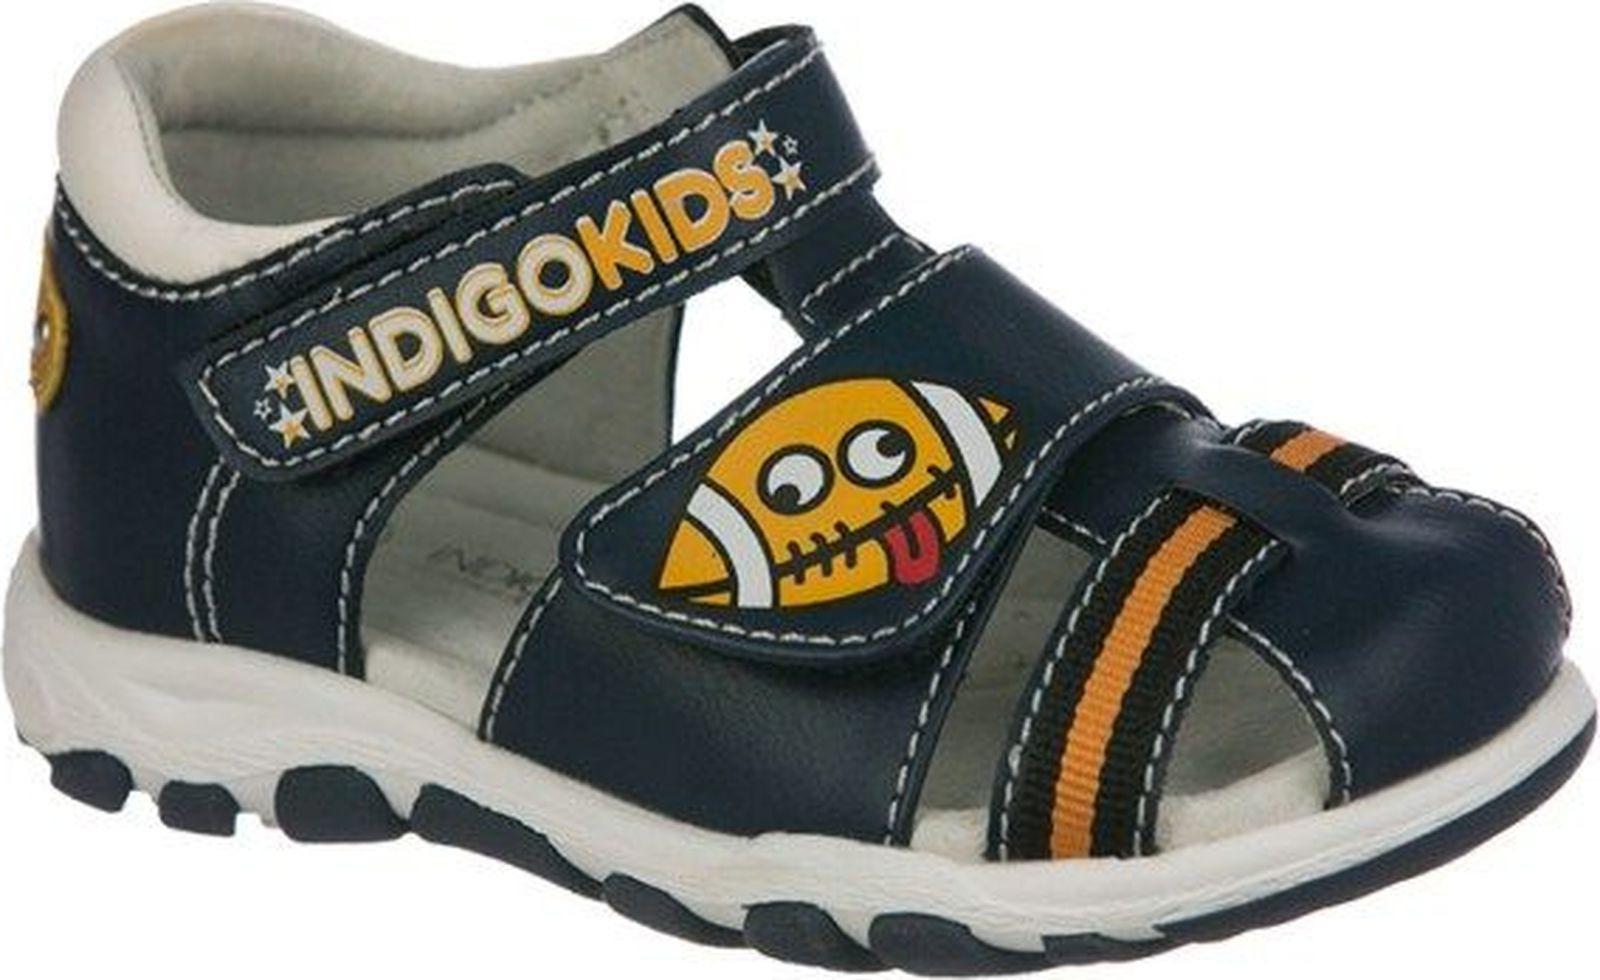 Сандалии Indigo Kids дутики для мальчика indigo kids цвет черный 71 506a 12 размер 35